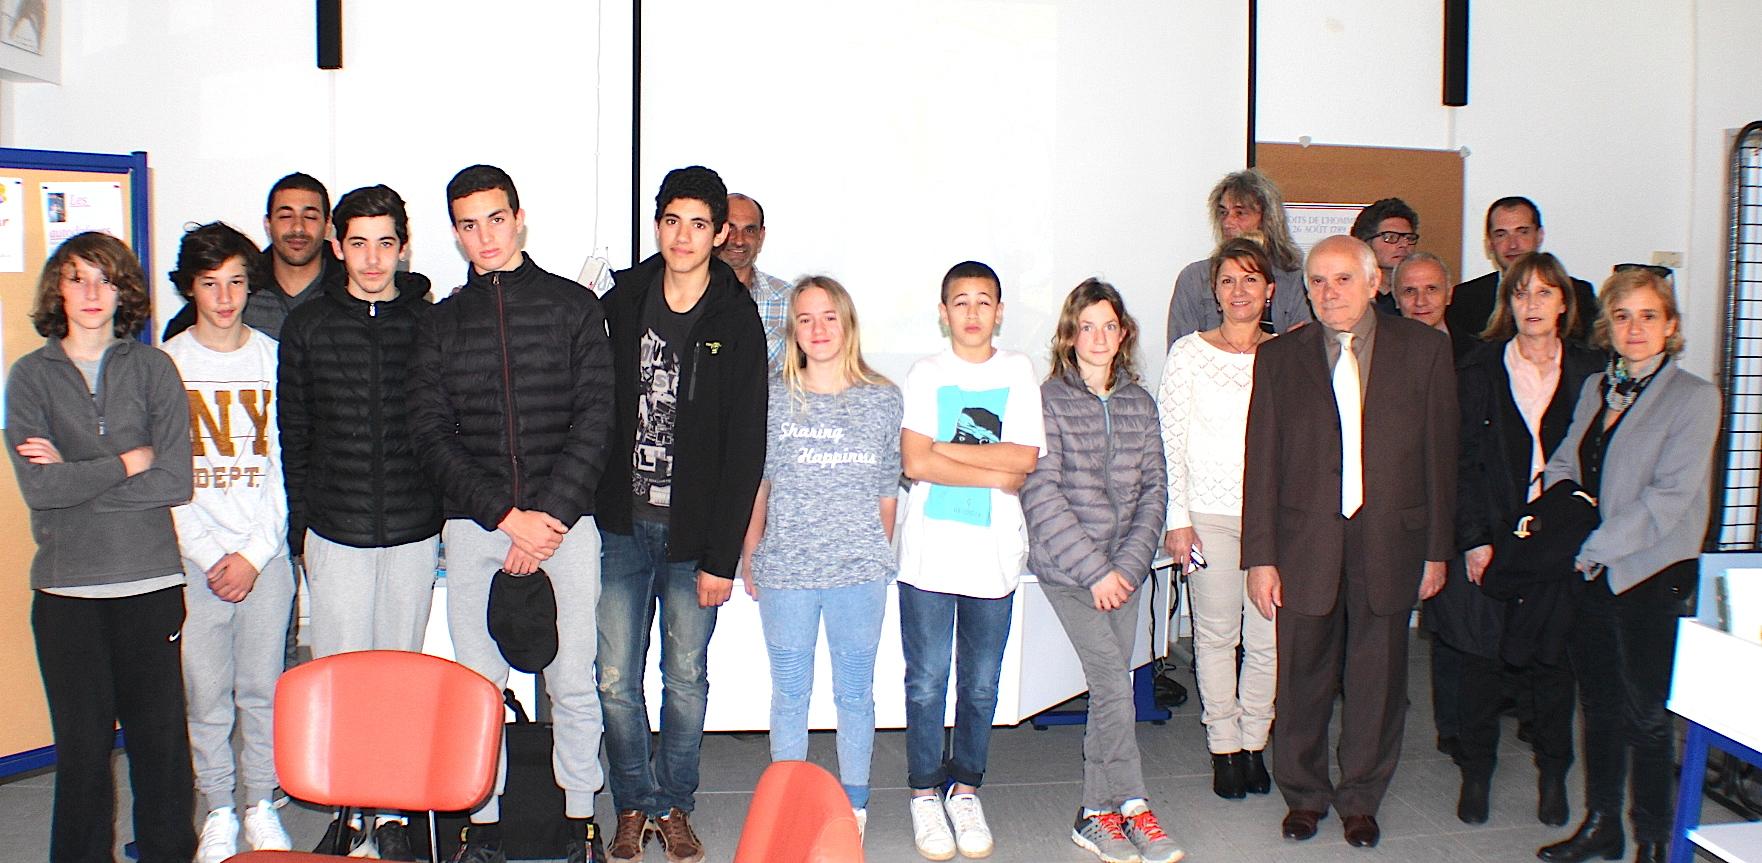 Semaine de la persévérance : La pédagogie de chantier au collège de Saint-Florent